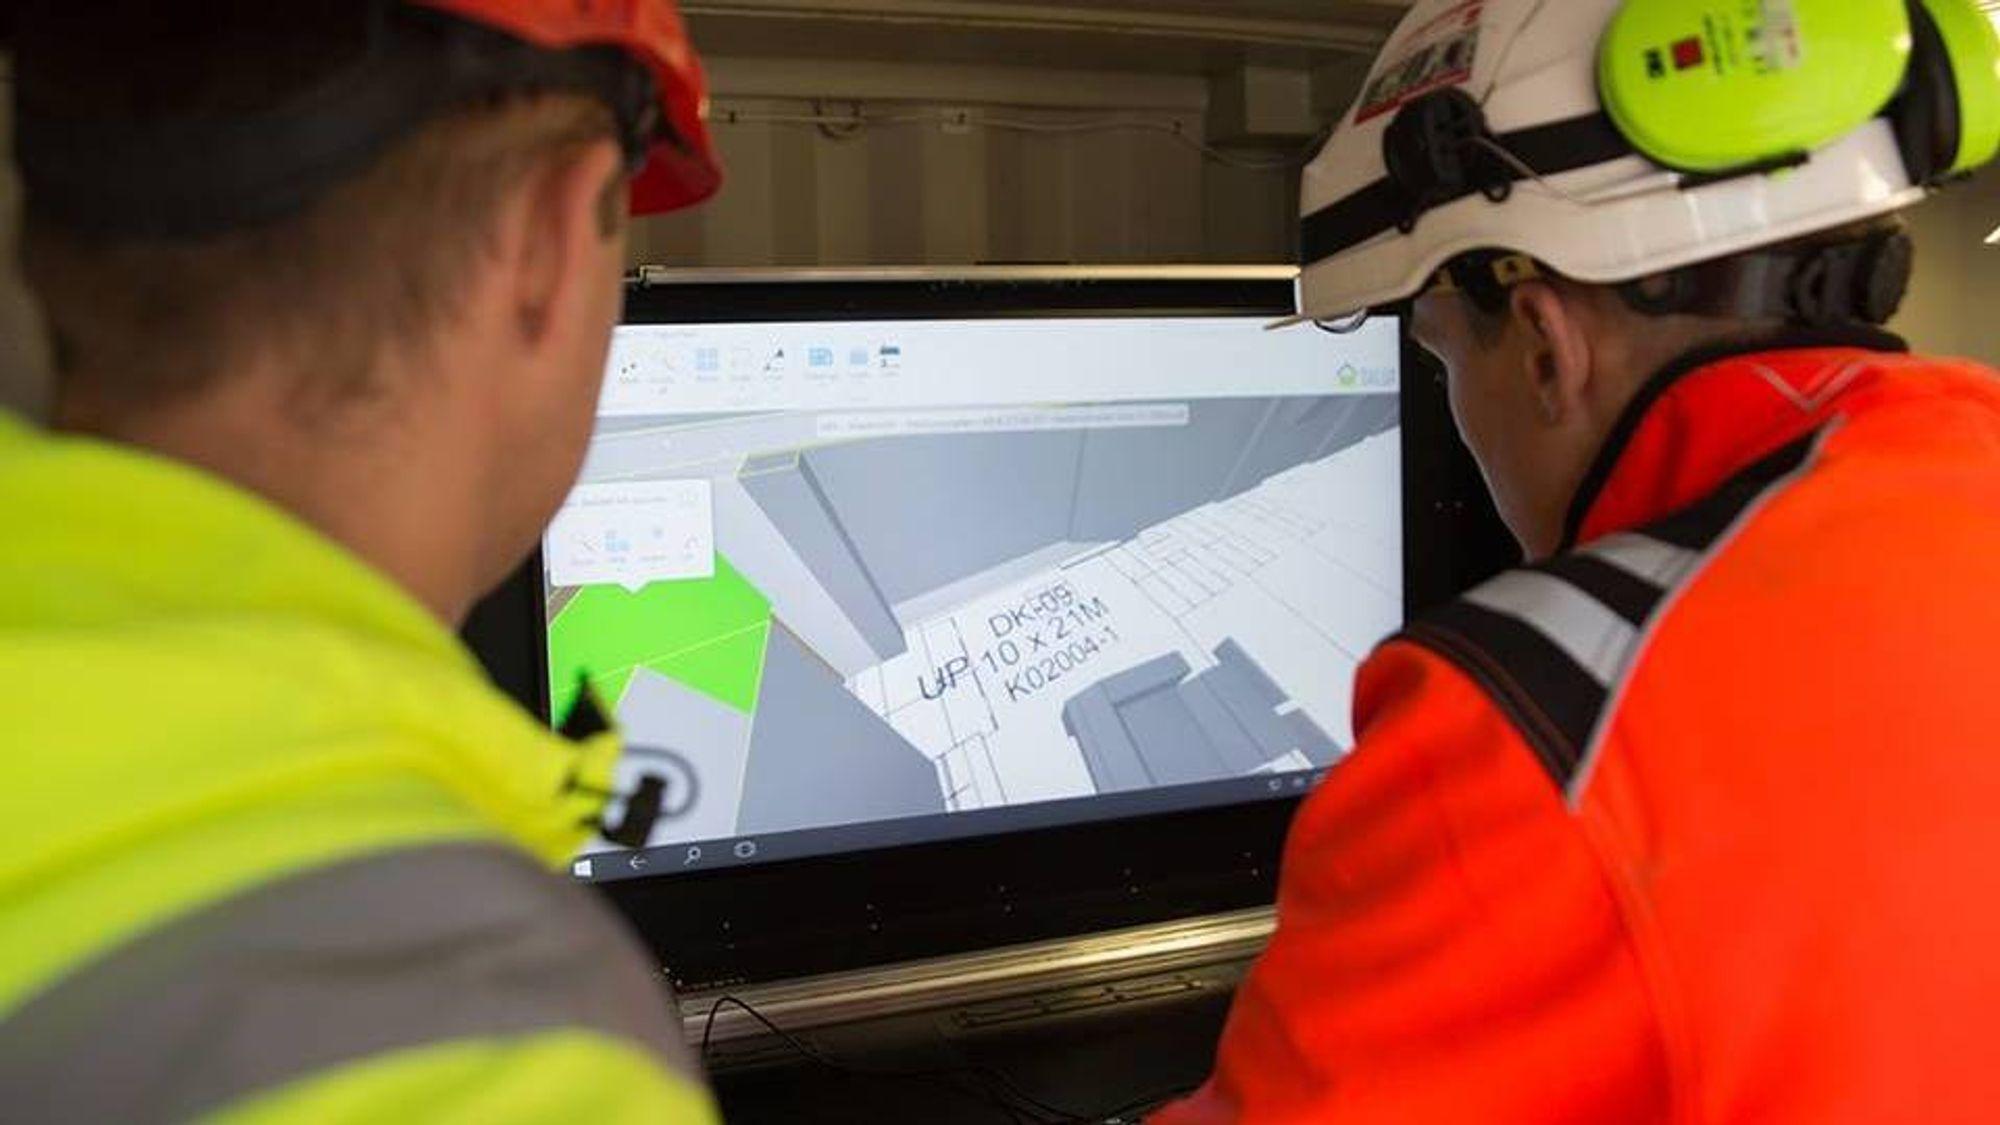 Det siste påbygget på Høgskolen i Østfold, som sto ferdig i vår, var en av verdens første papirløse byggeprosjekter.